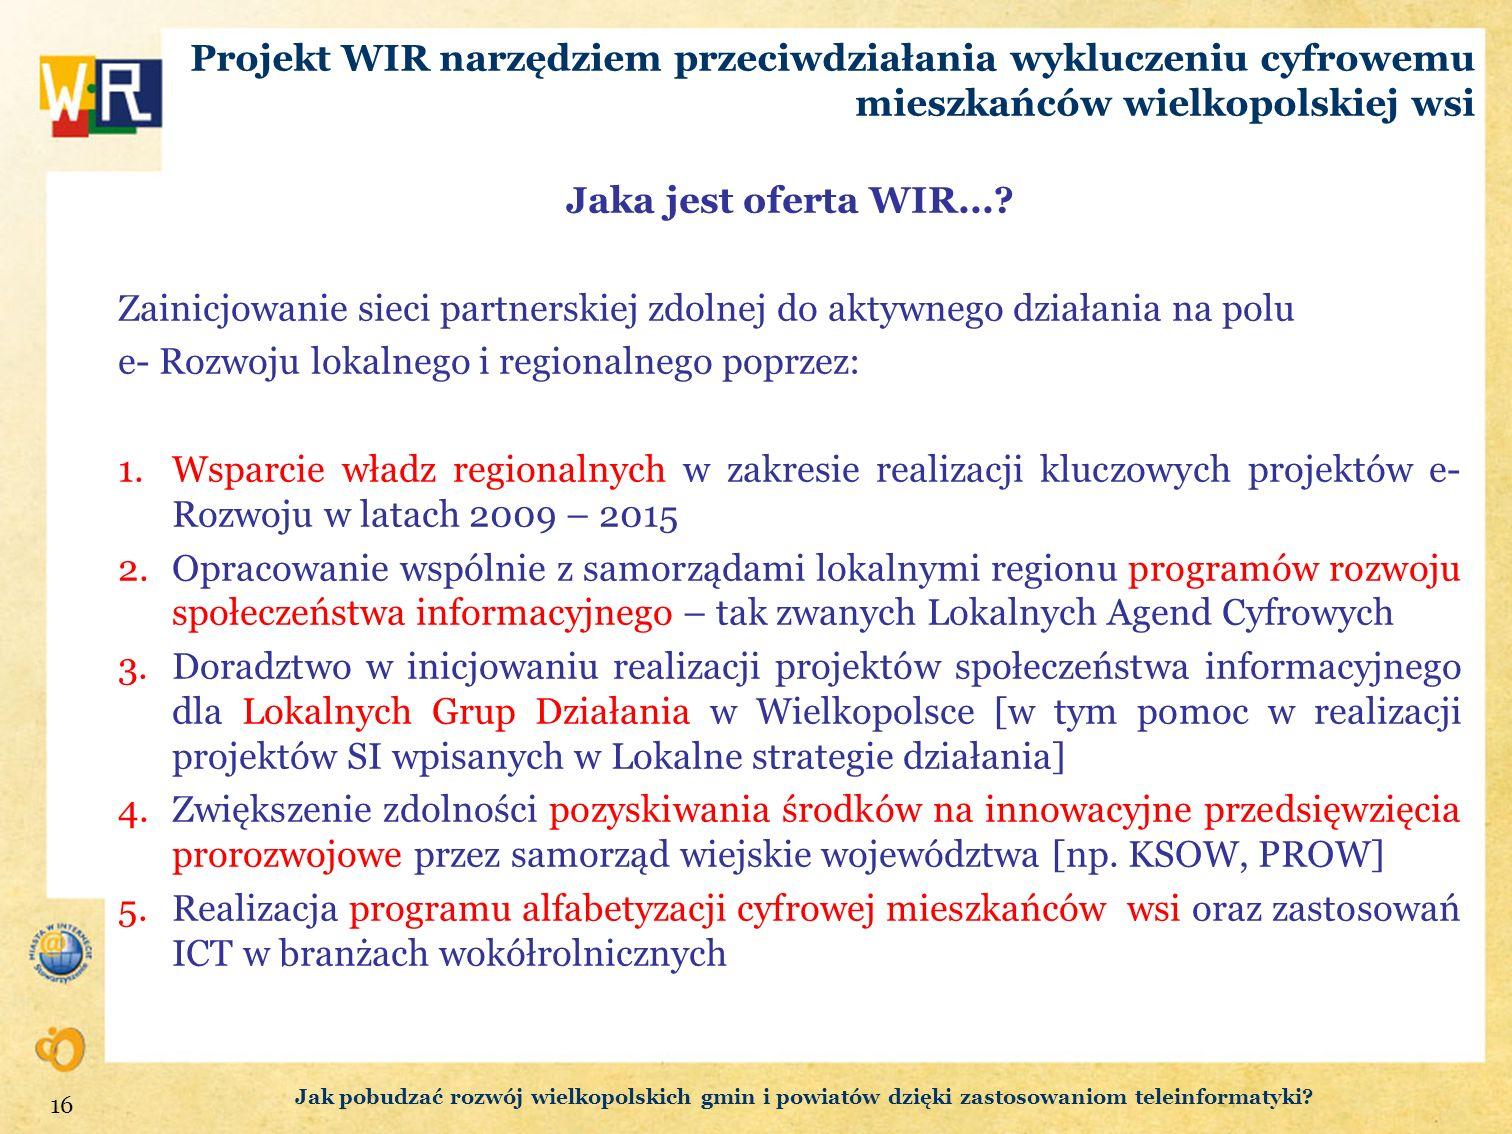 e- Rozwoju lokalnego i regionalnego poprzez: